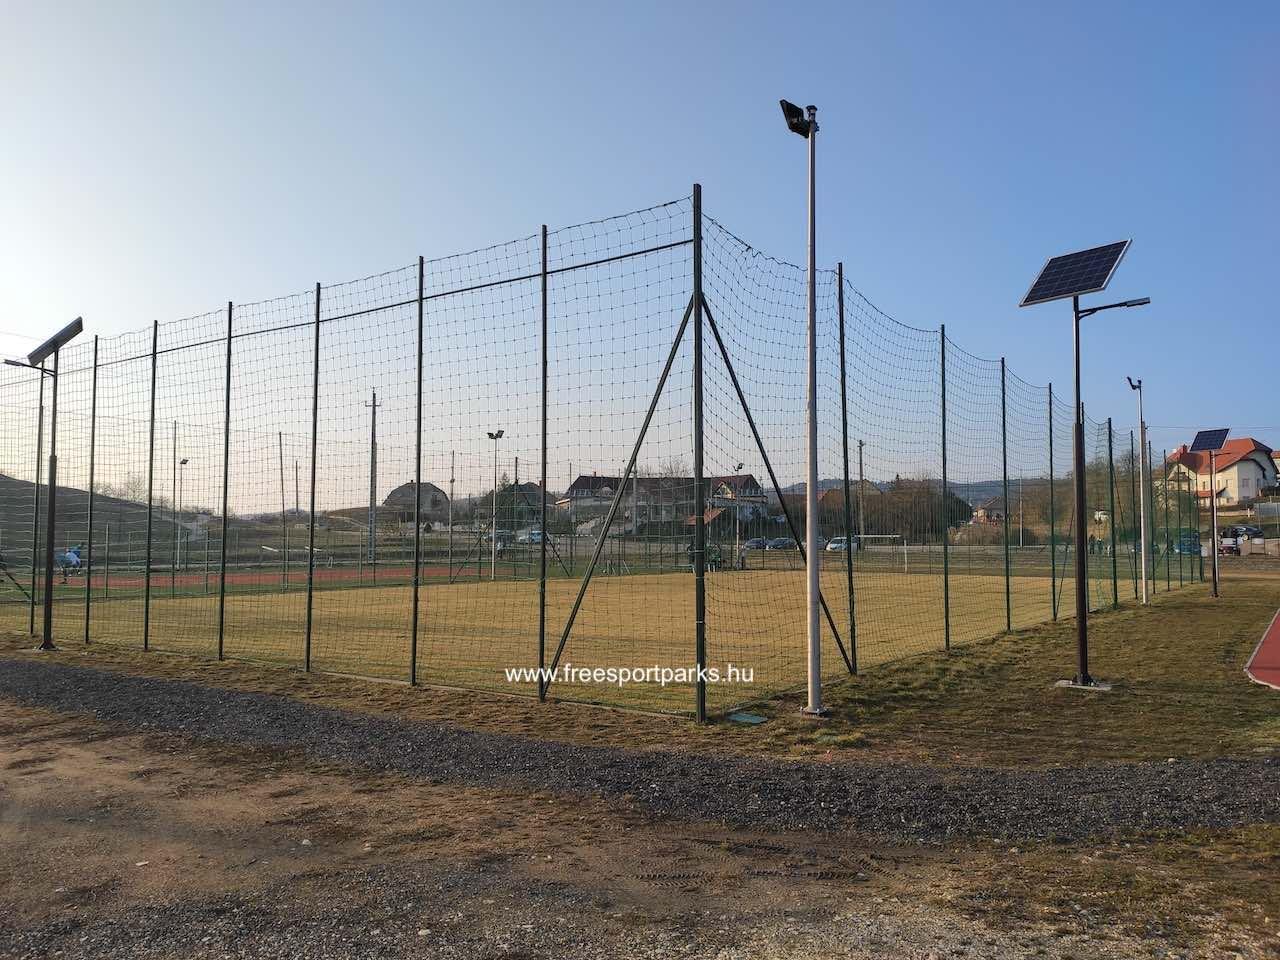 bérelhető füves focipálya